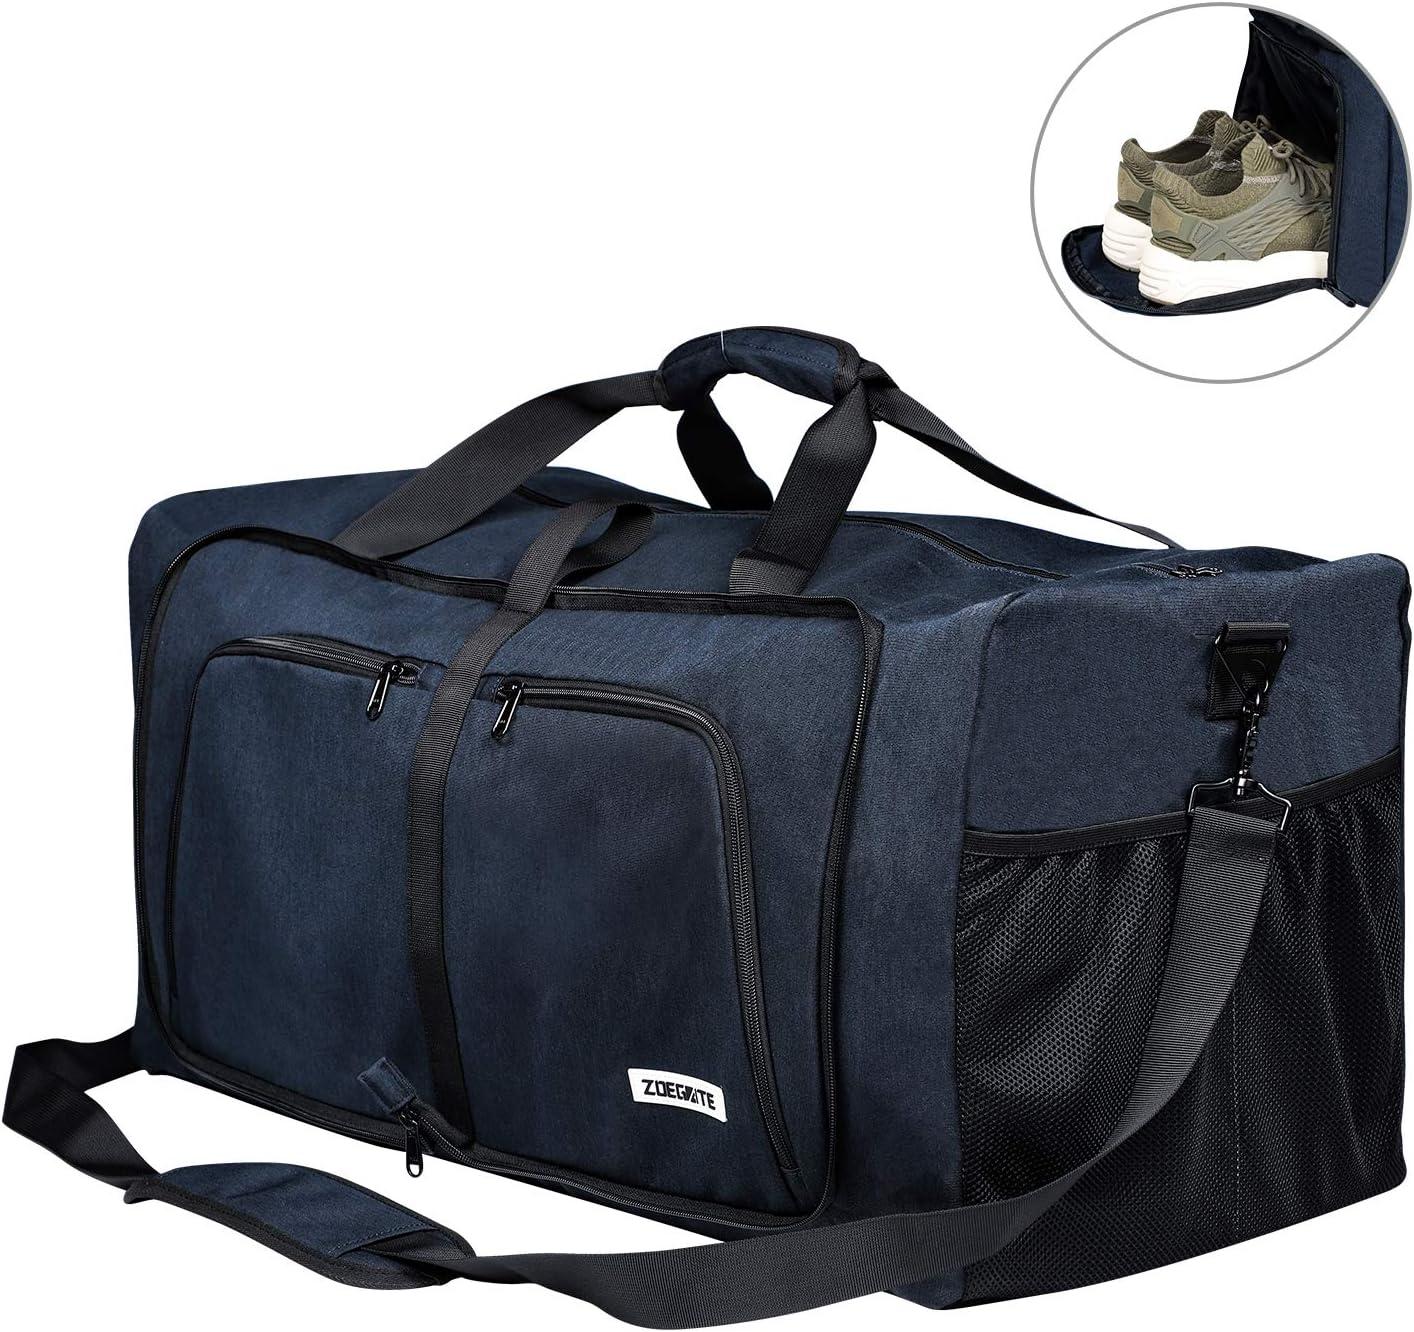 FORTUNAM Sac de Voyage Sac de Sport Homme Foldable Travel Duffel Bag avec Compartiment /à Chaussures Sacs de Voyage Imperm/éables de Grande Capacit/é Sac Gym Fitness Sac /à Week-End Bleu